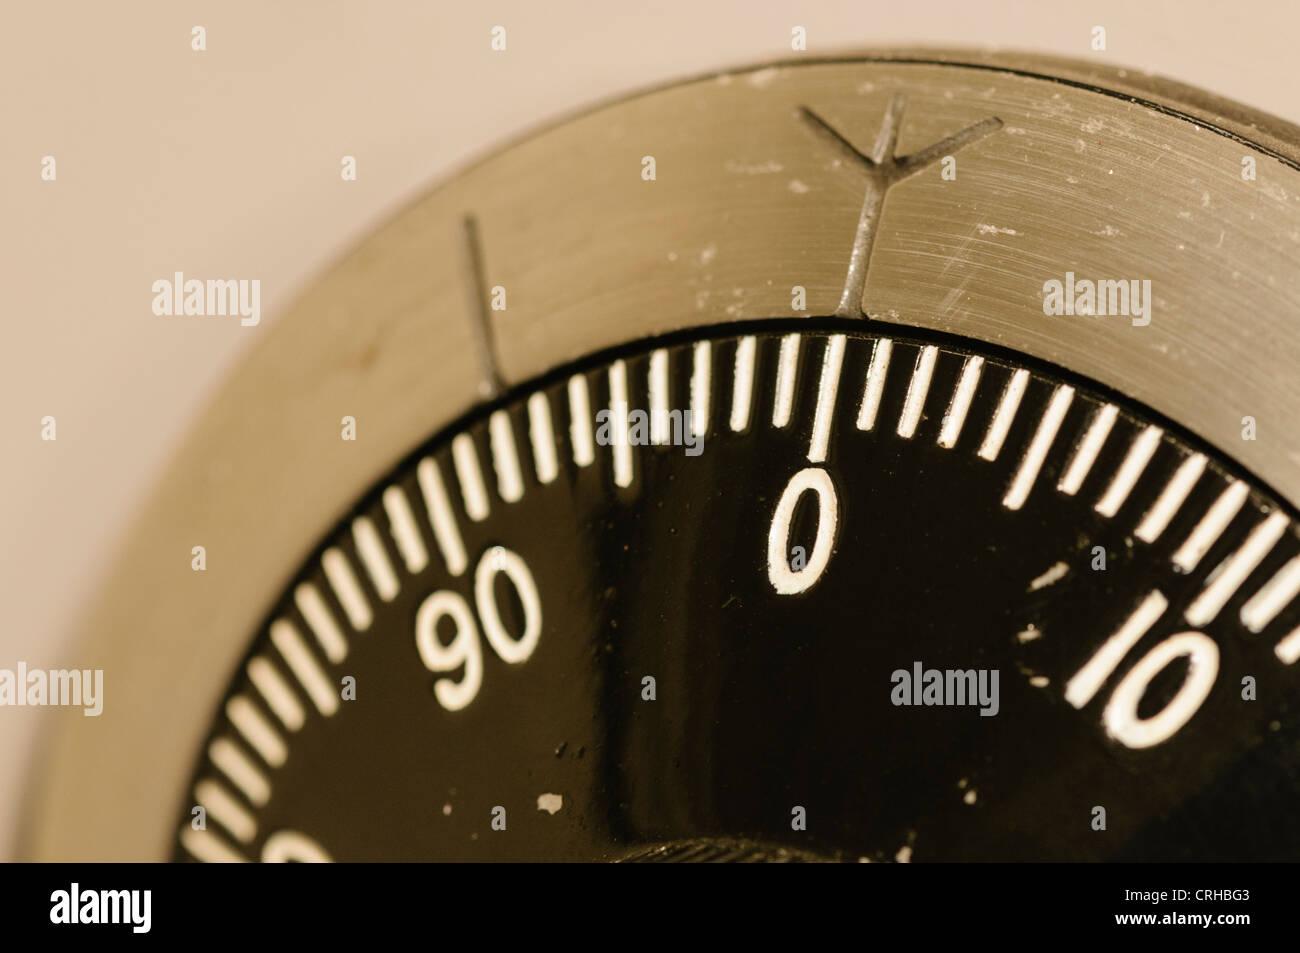 Primo piano di una serratura a combinazione su un militare in grado di fissare in modo sicuro con il quadrante è Immagini Stock